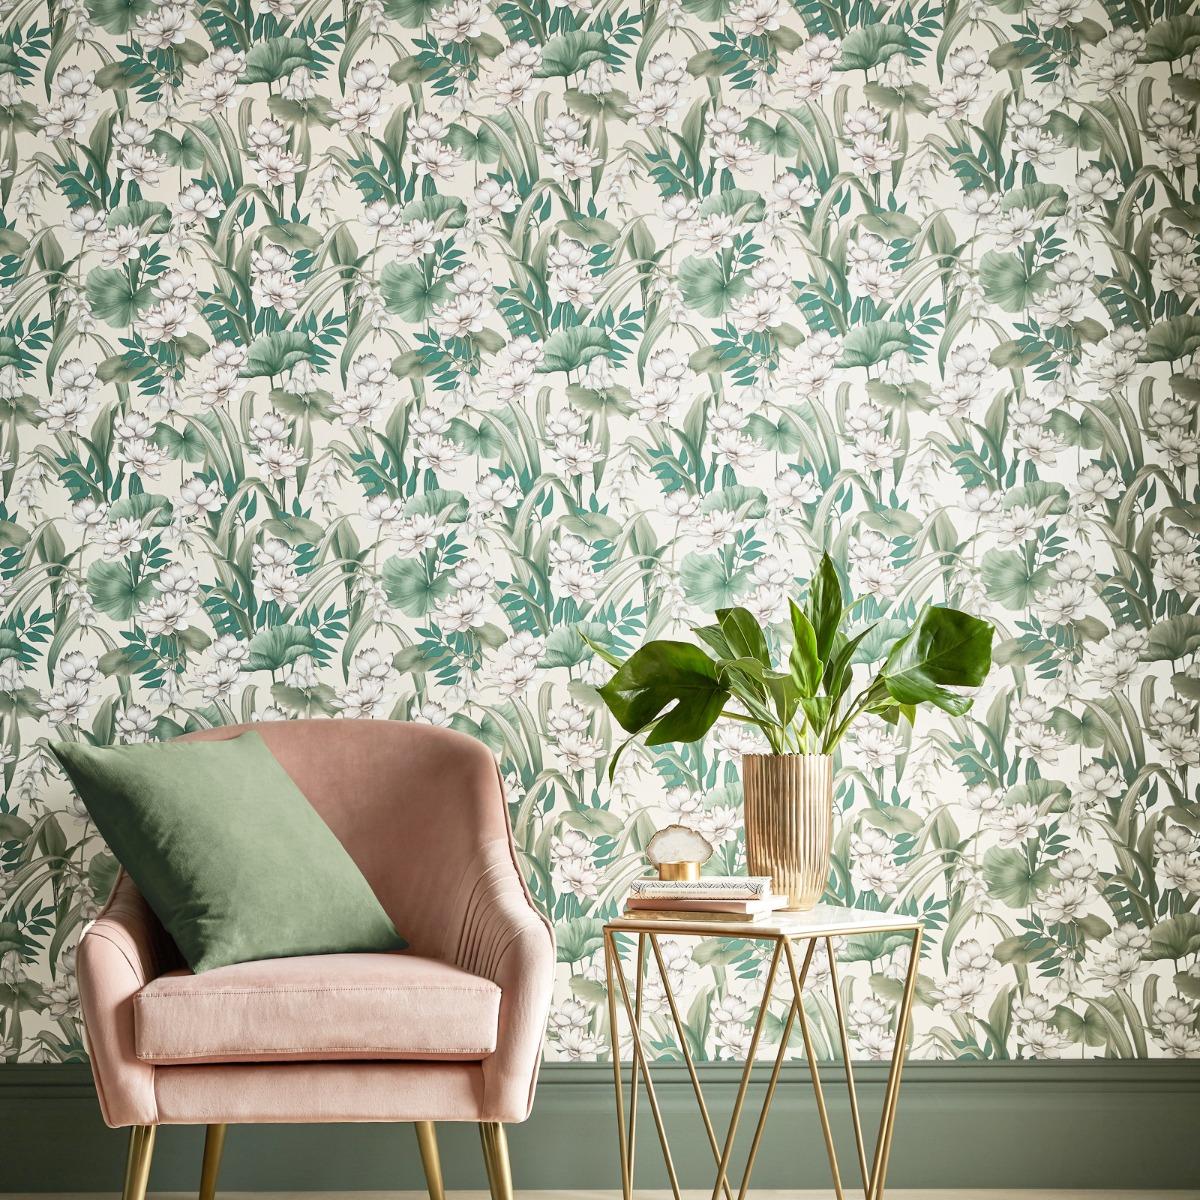 Celeste Glimmer Wallpaper Cream / Green Accessorize 274515